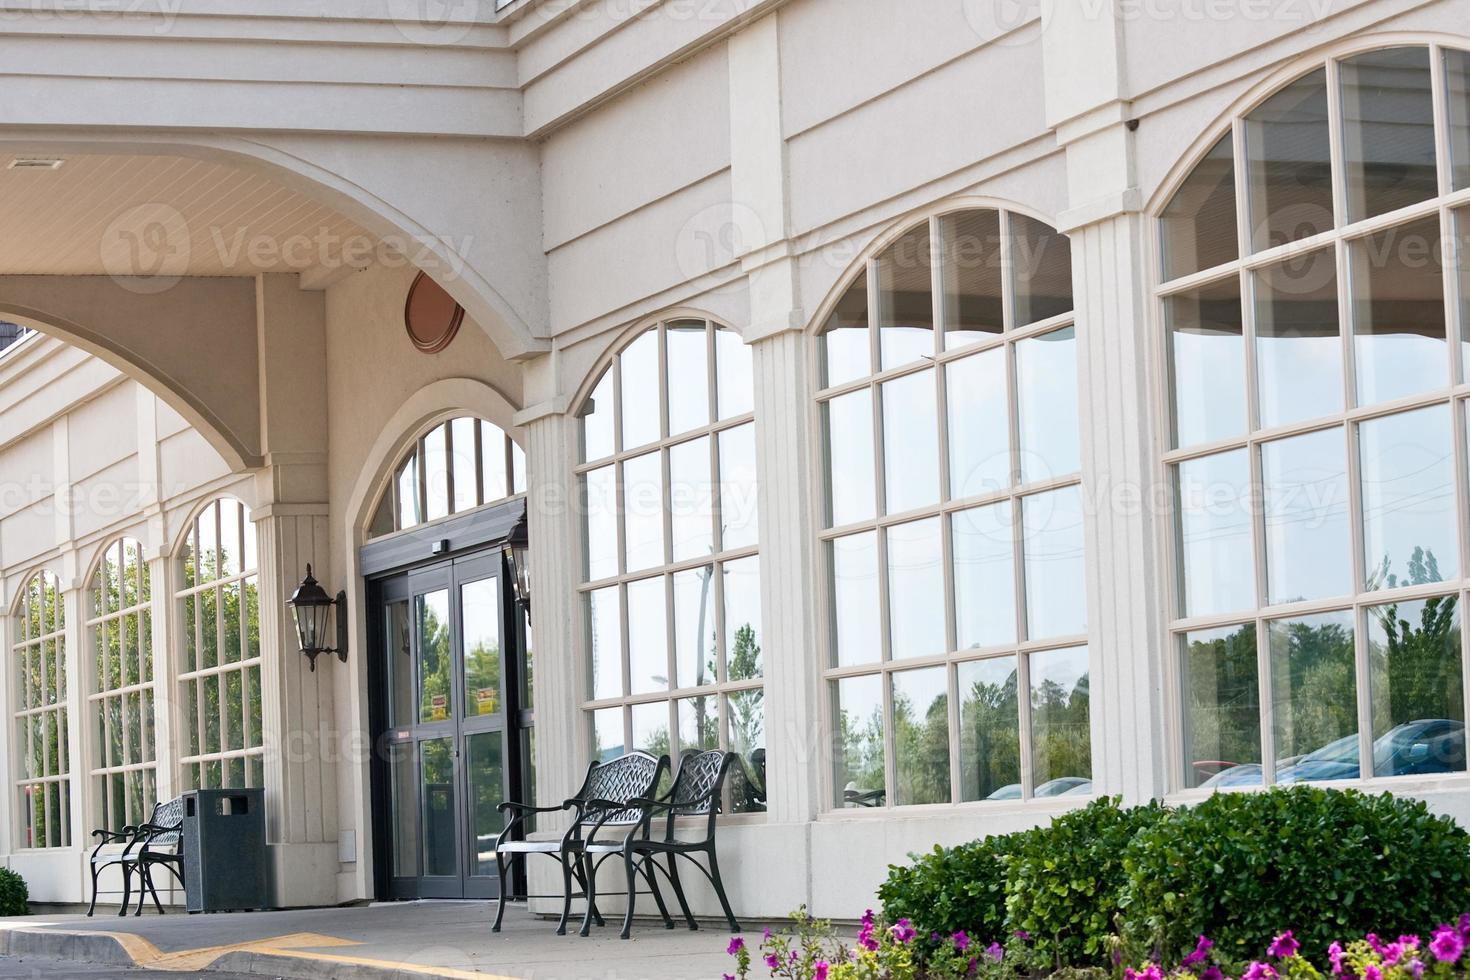 entrée principale de l'hôtel photo